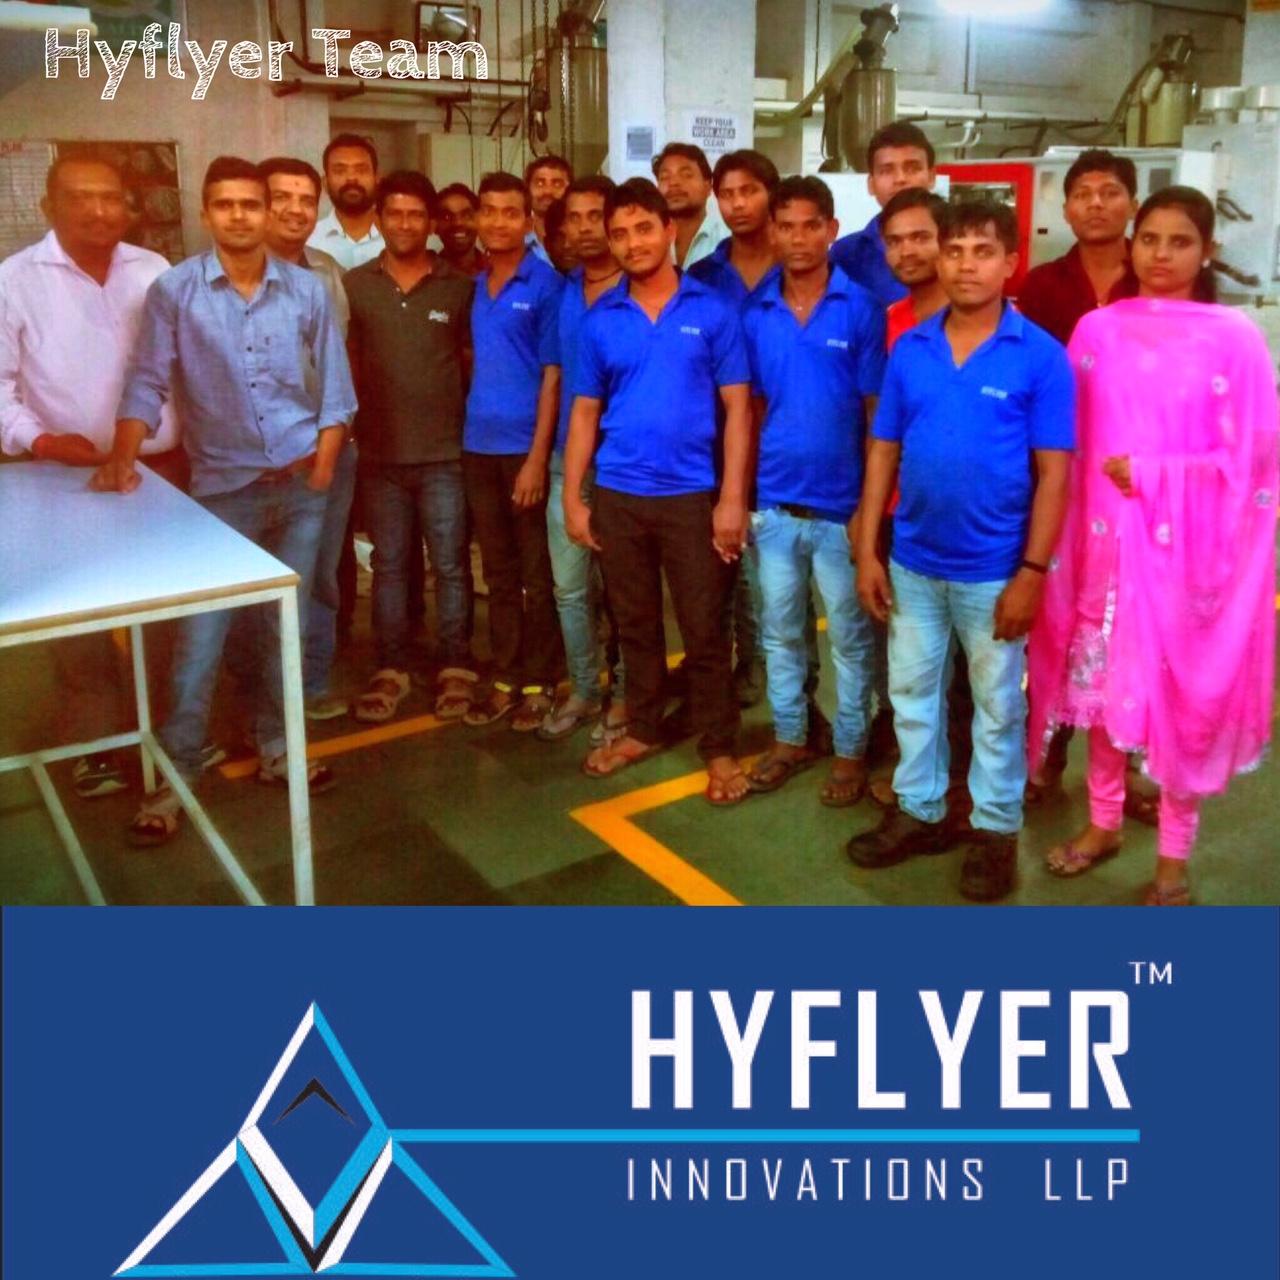 Hyflyer Team